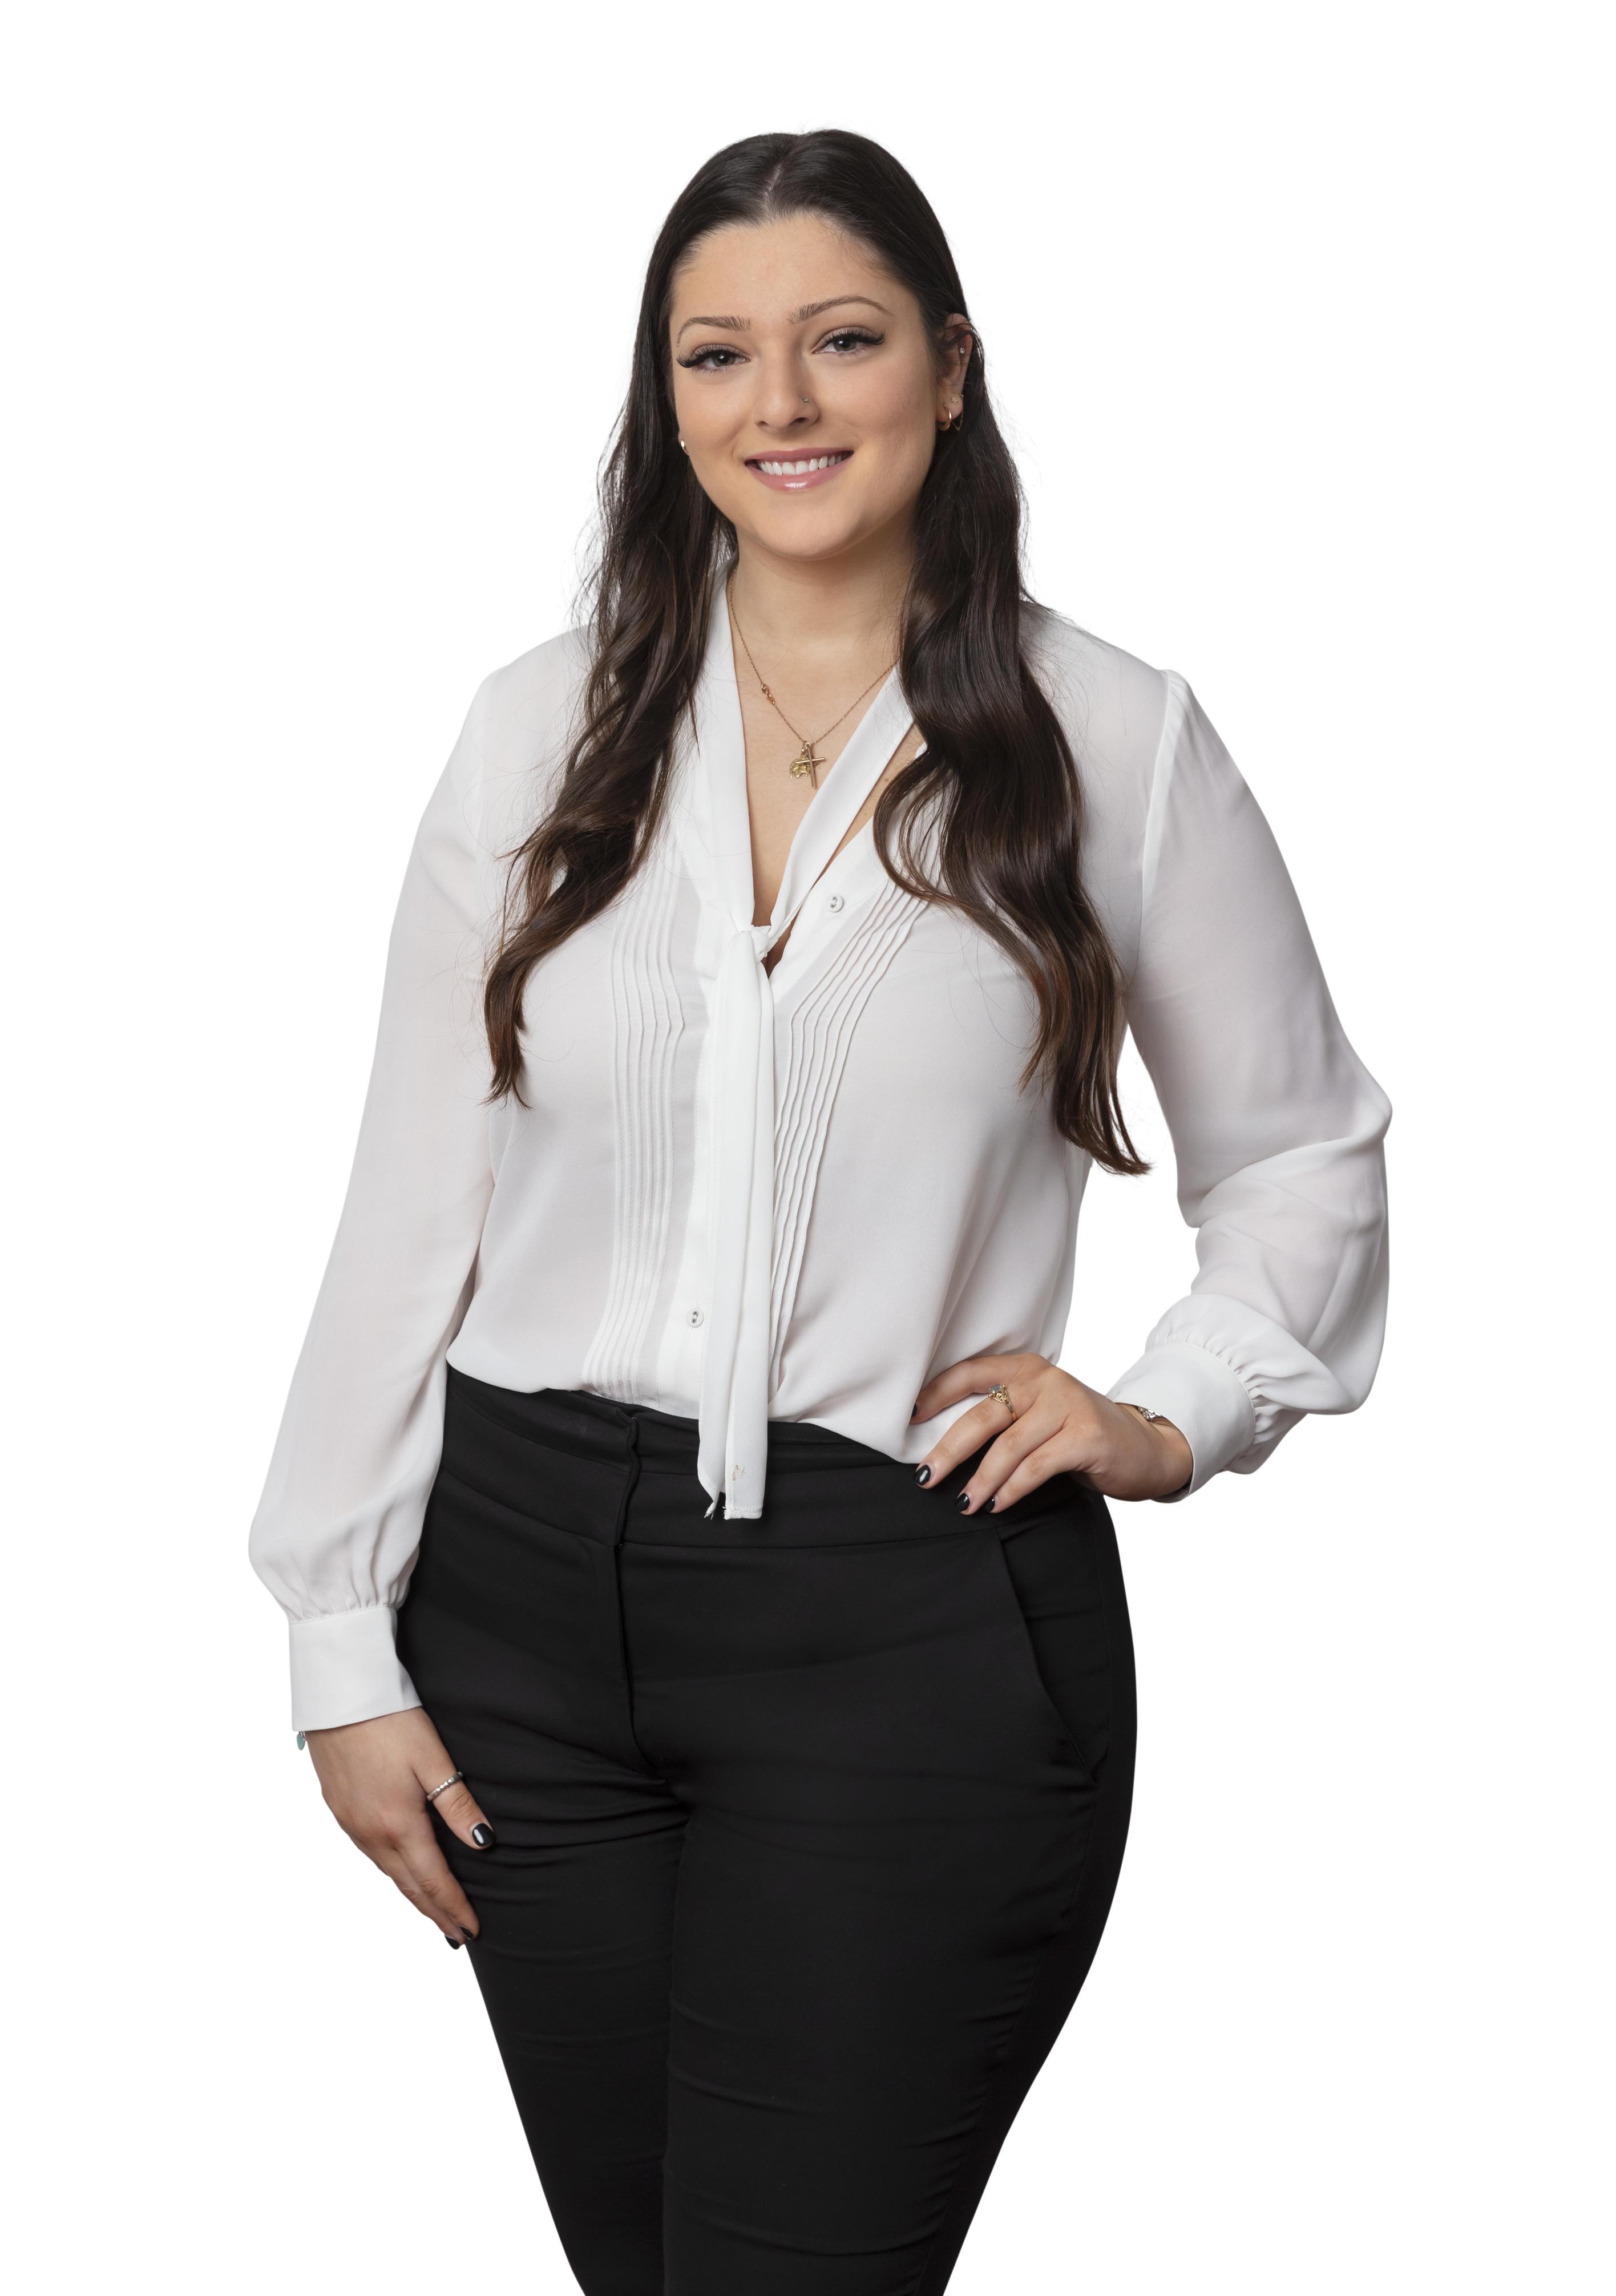 Vanessa Dell'Arciprete